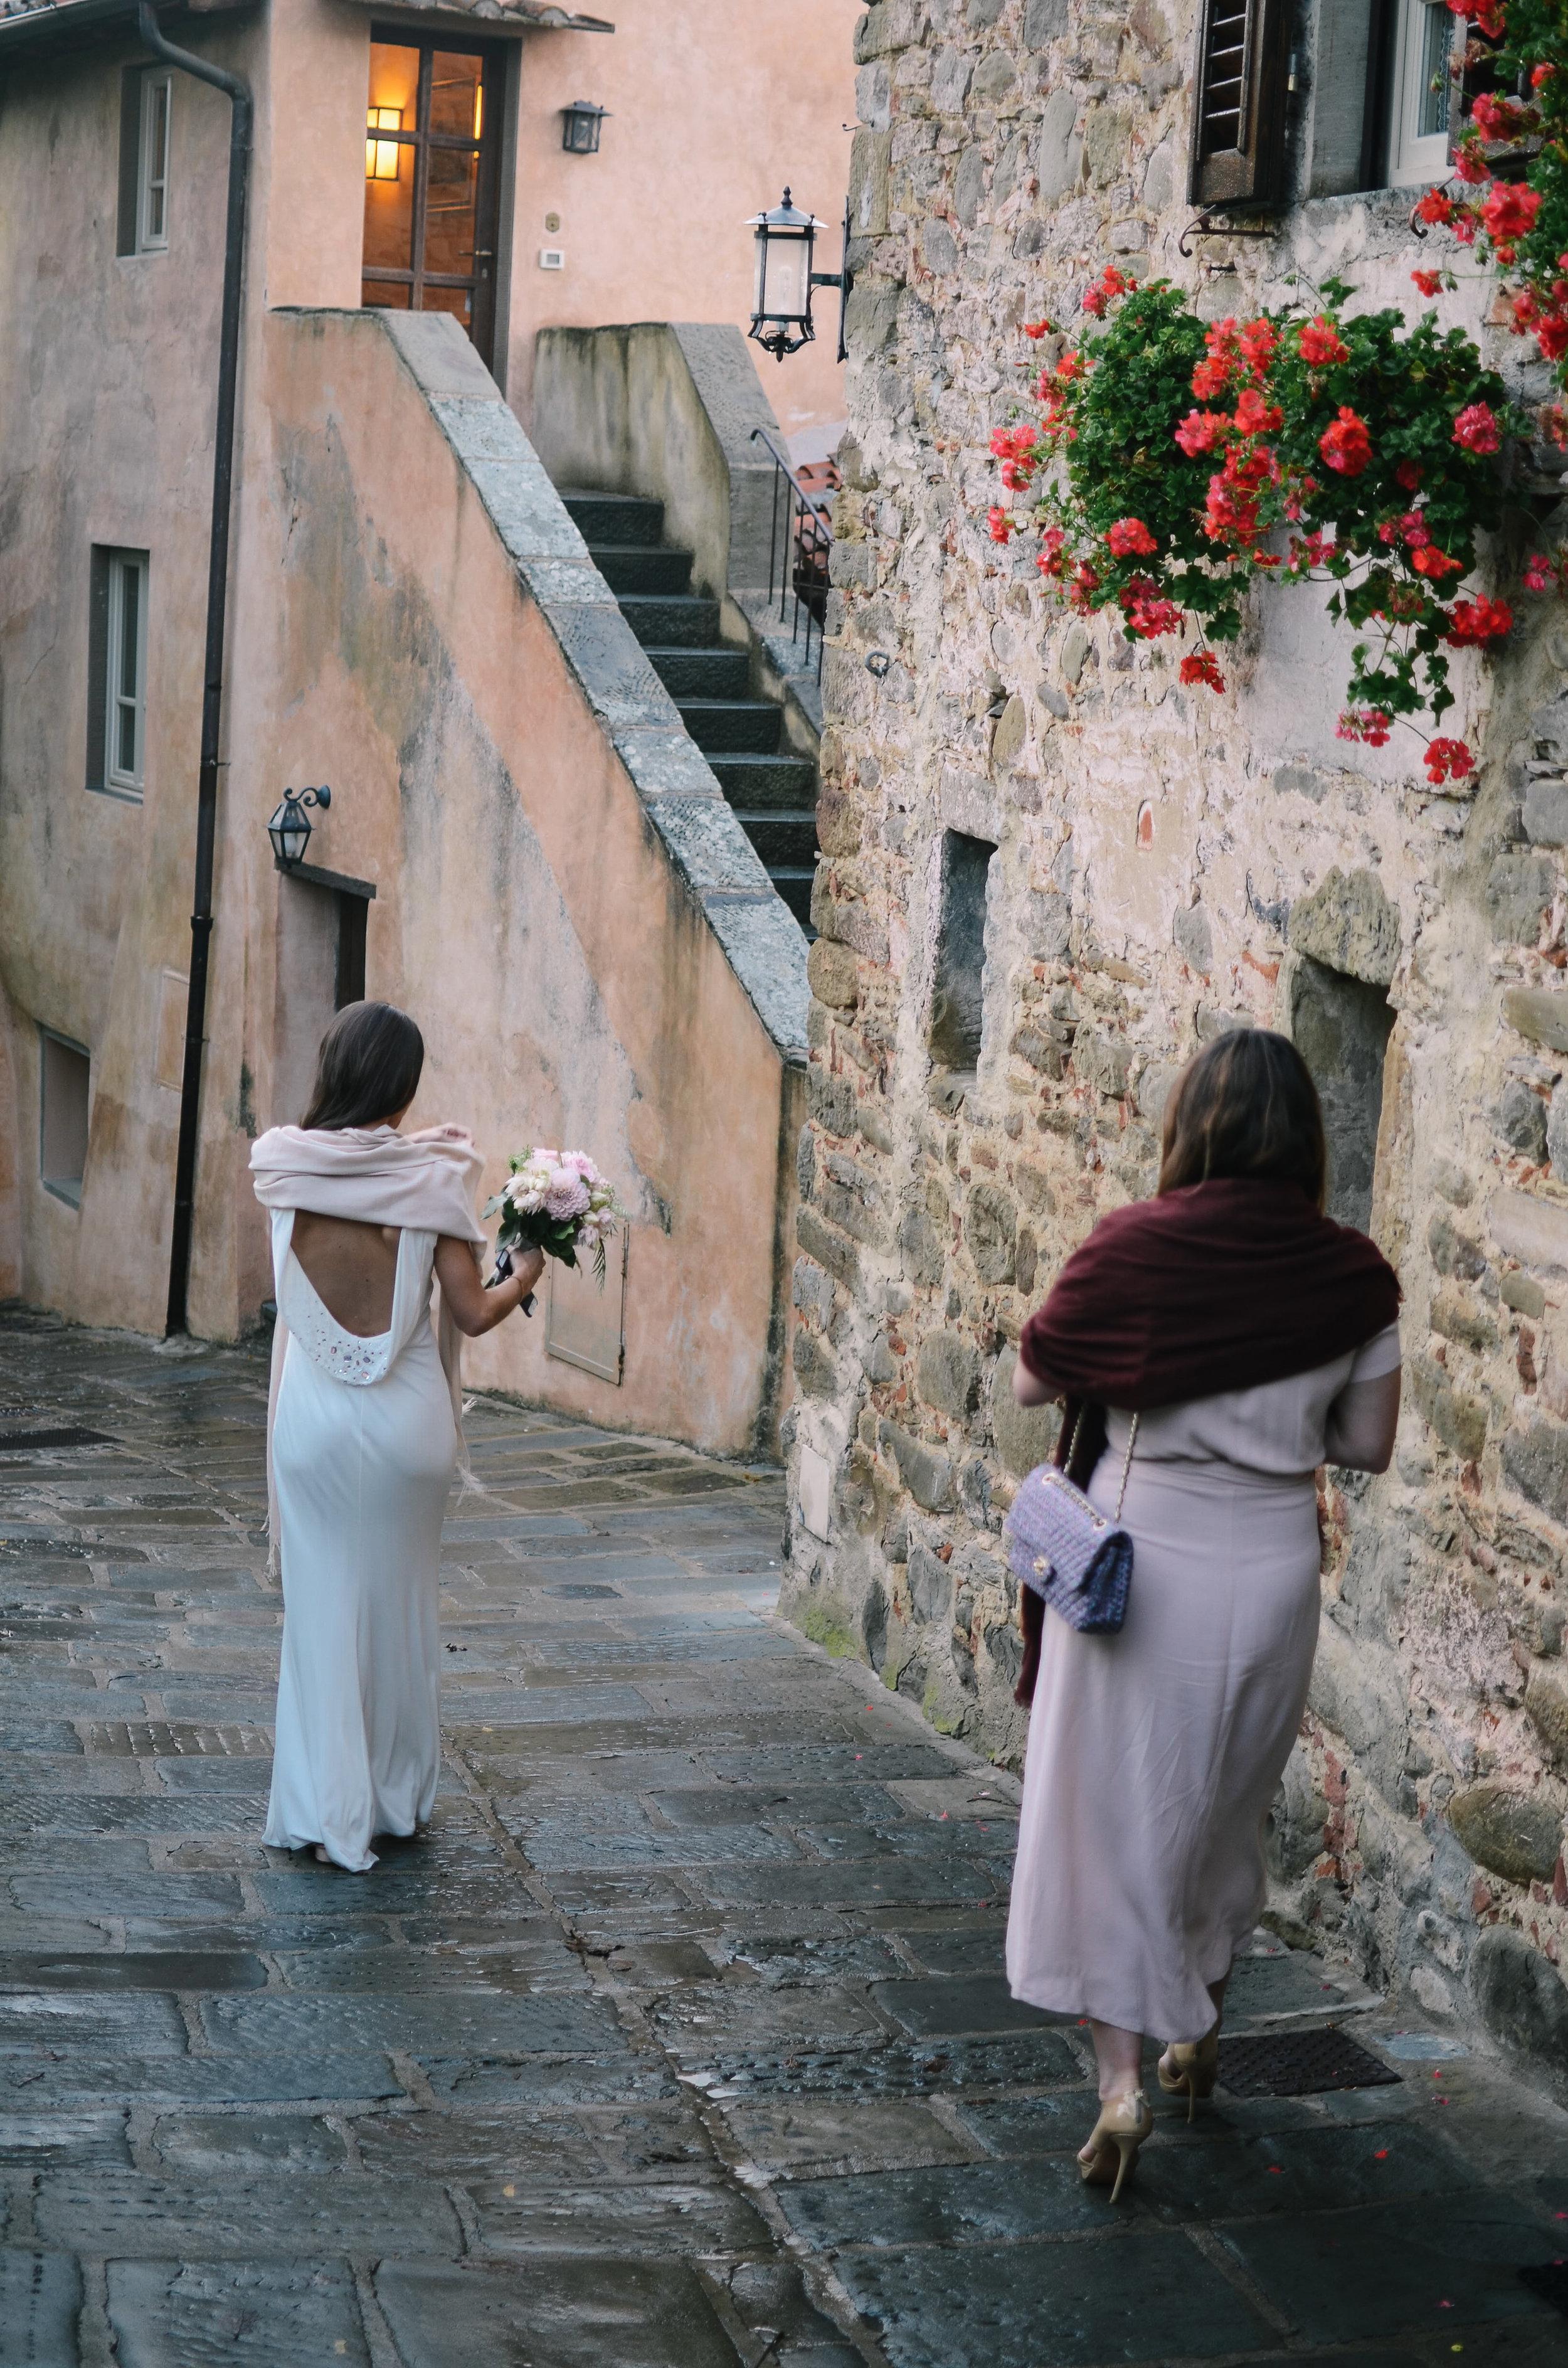 il-borro-toscana-wedding-tuscany-lifeonpine_DSC_1056.jpg